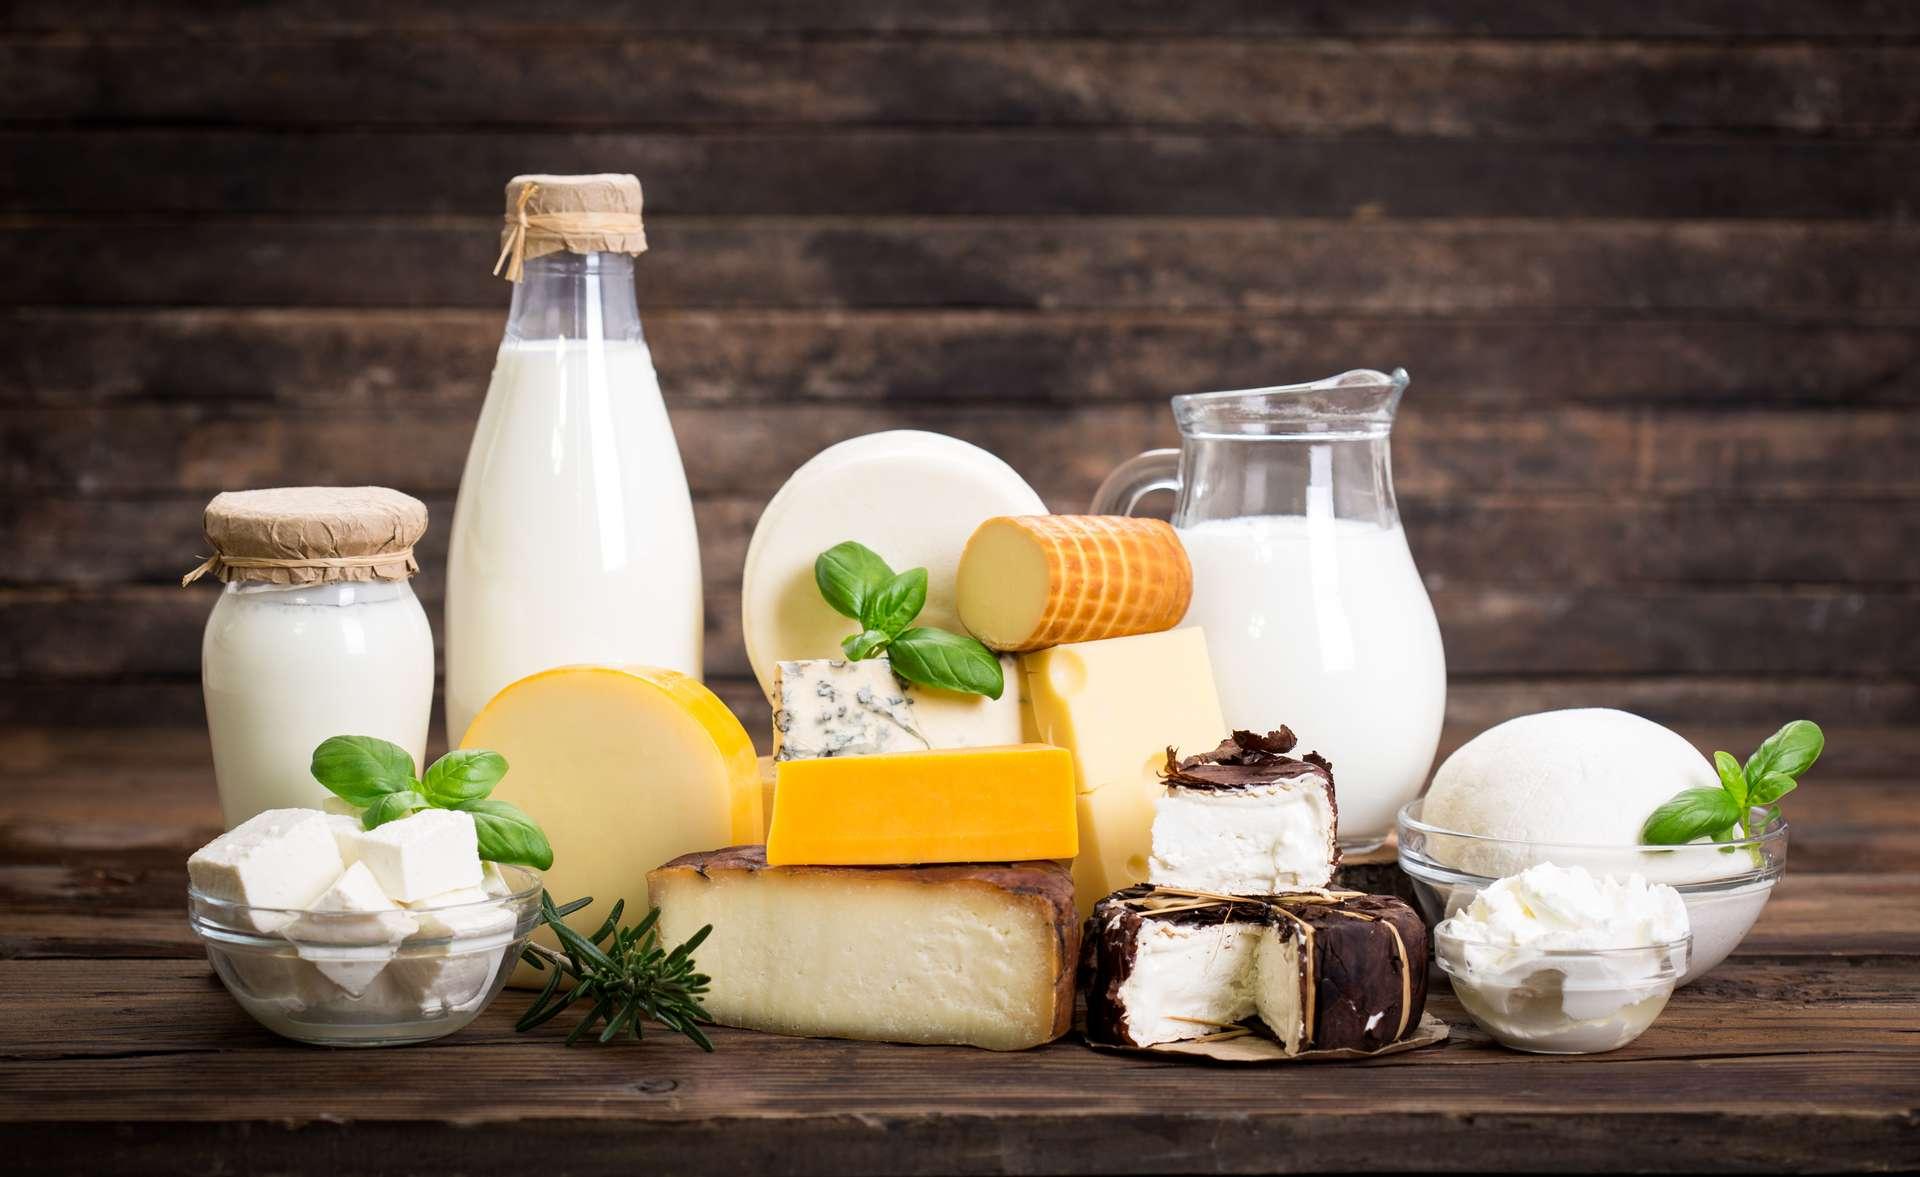 Les produits laitiers sont neutres pour la vie